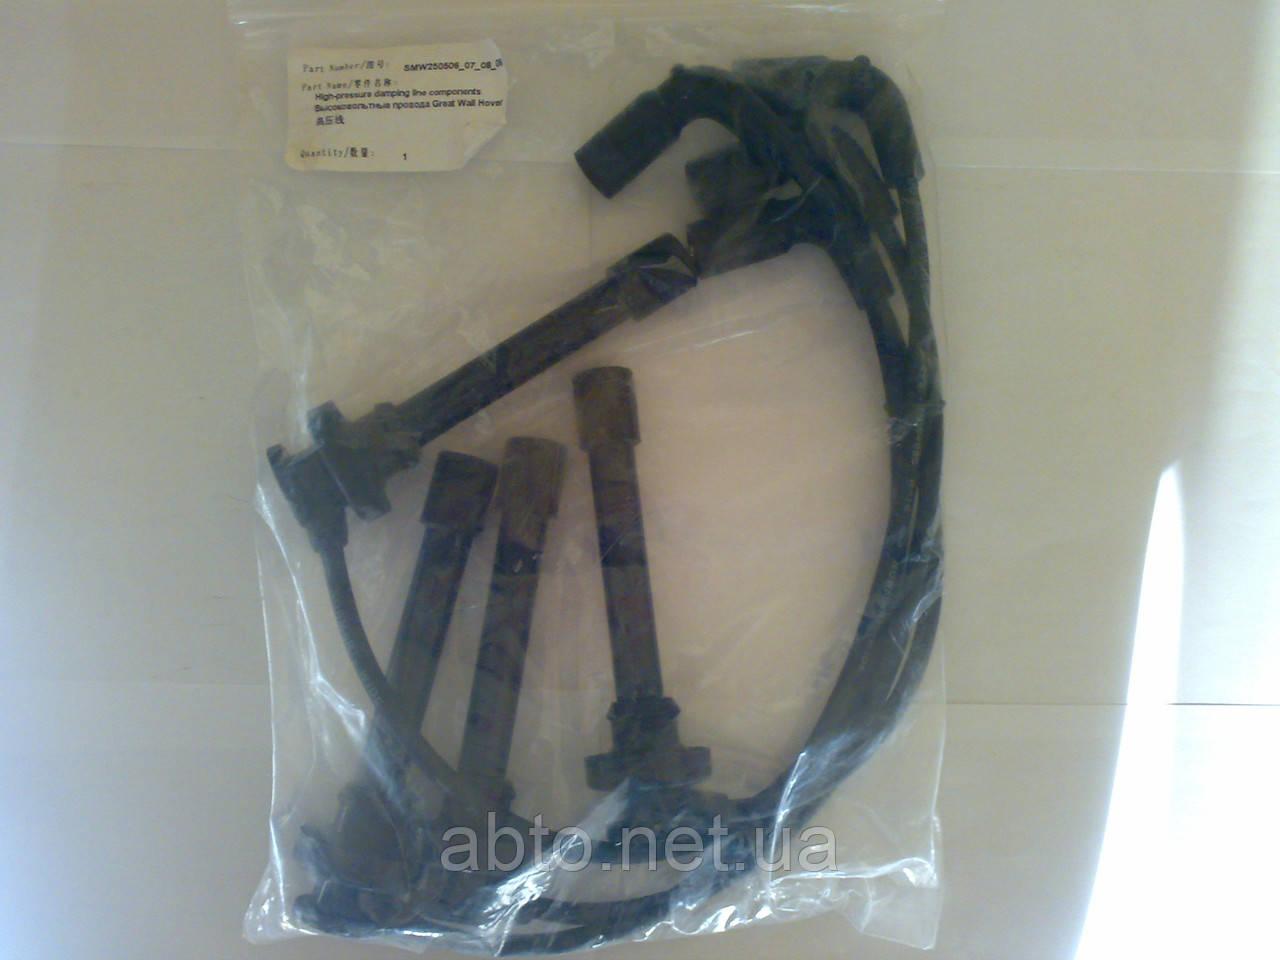 Провода высоковольтные SMW250506,07,08,09 Грейт Волл Ховер - Интернет- магазин 1a256374b12